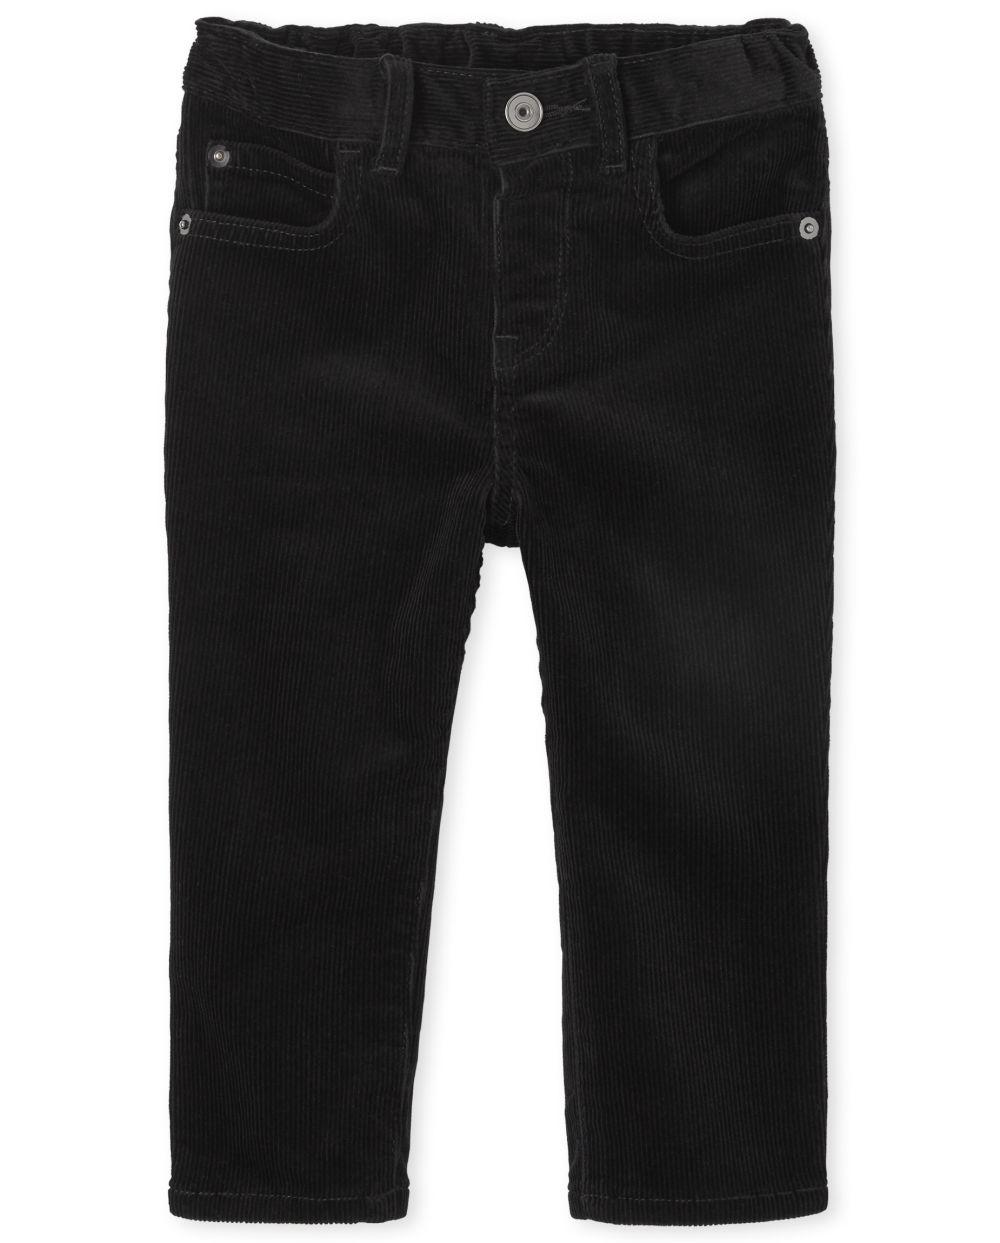 Pantalones de pana elásticos para niños pequeños